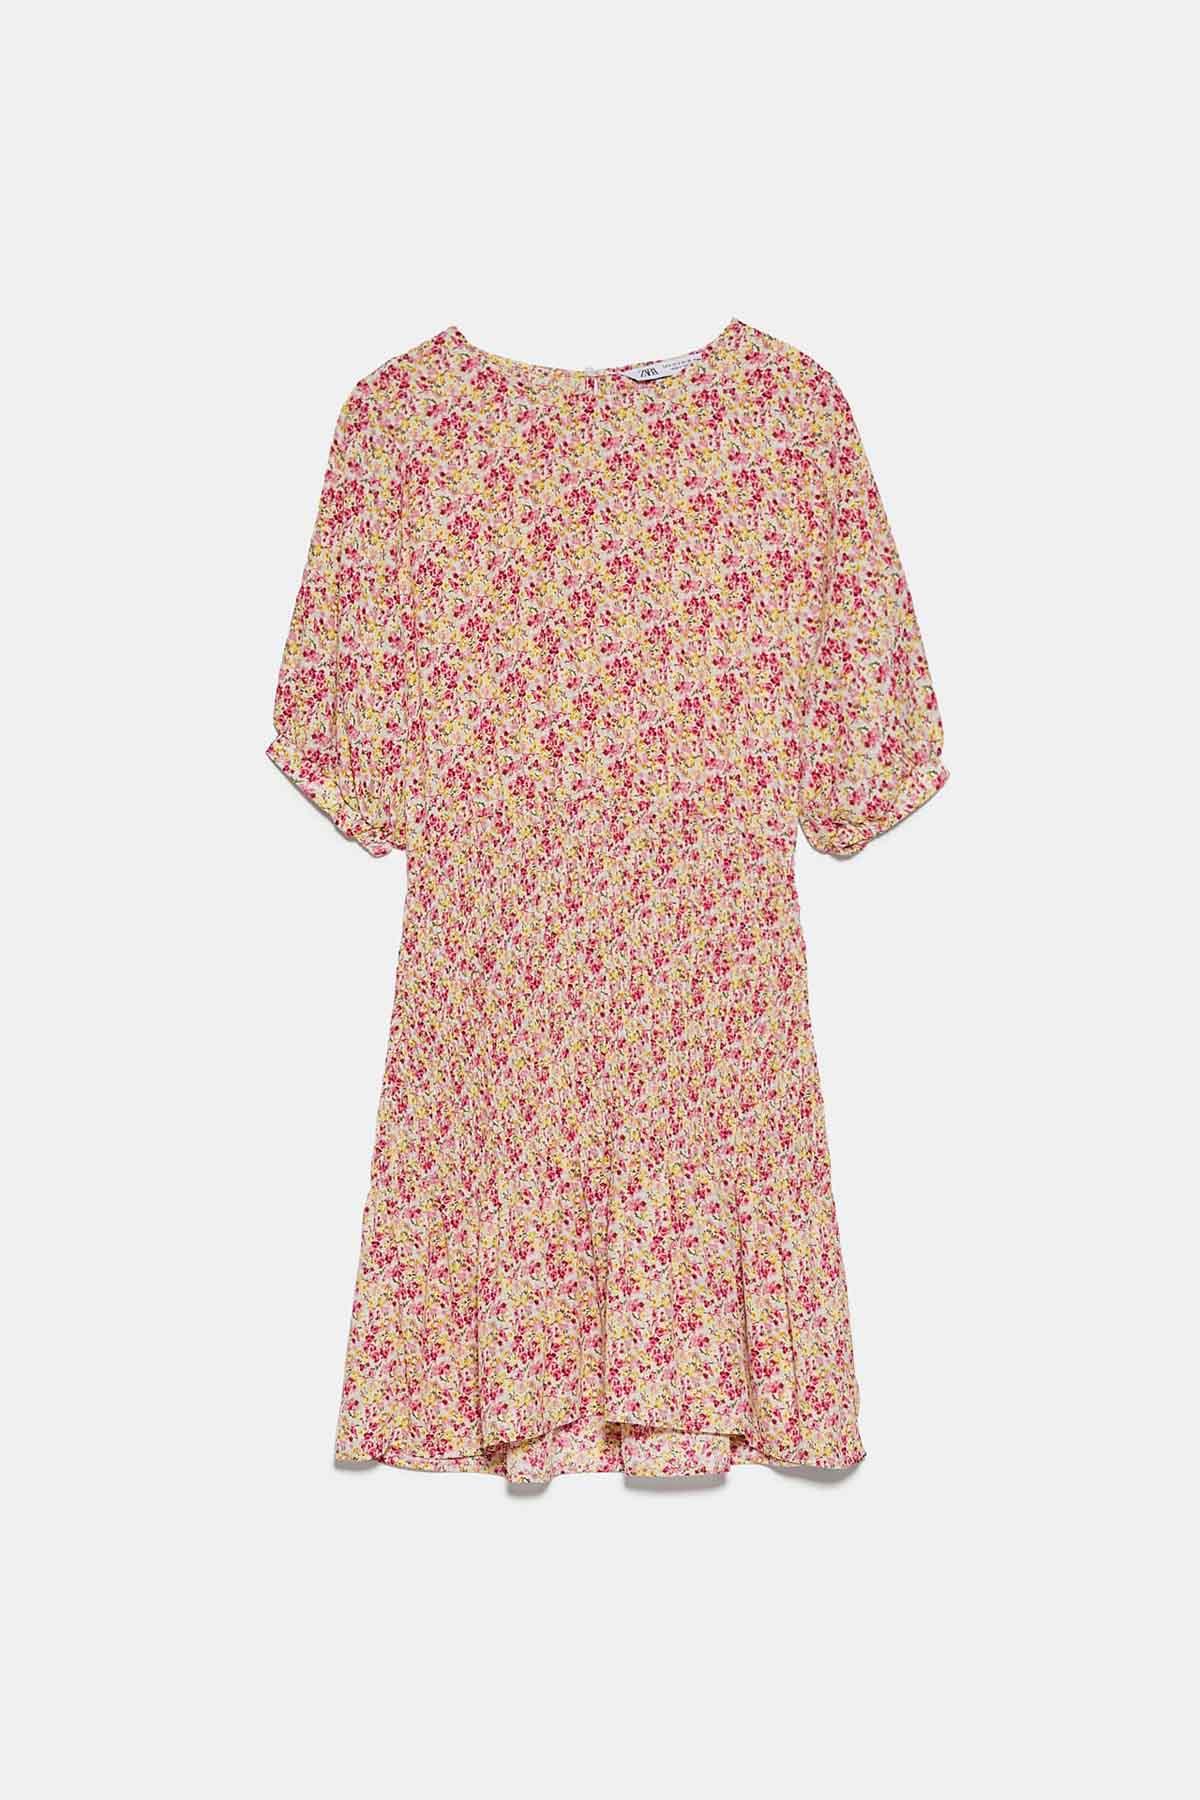 Vestido corto estampado flores de Zara / Zara